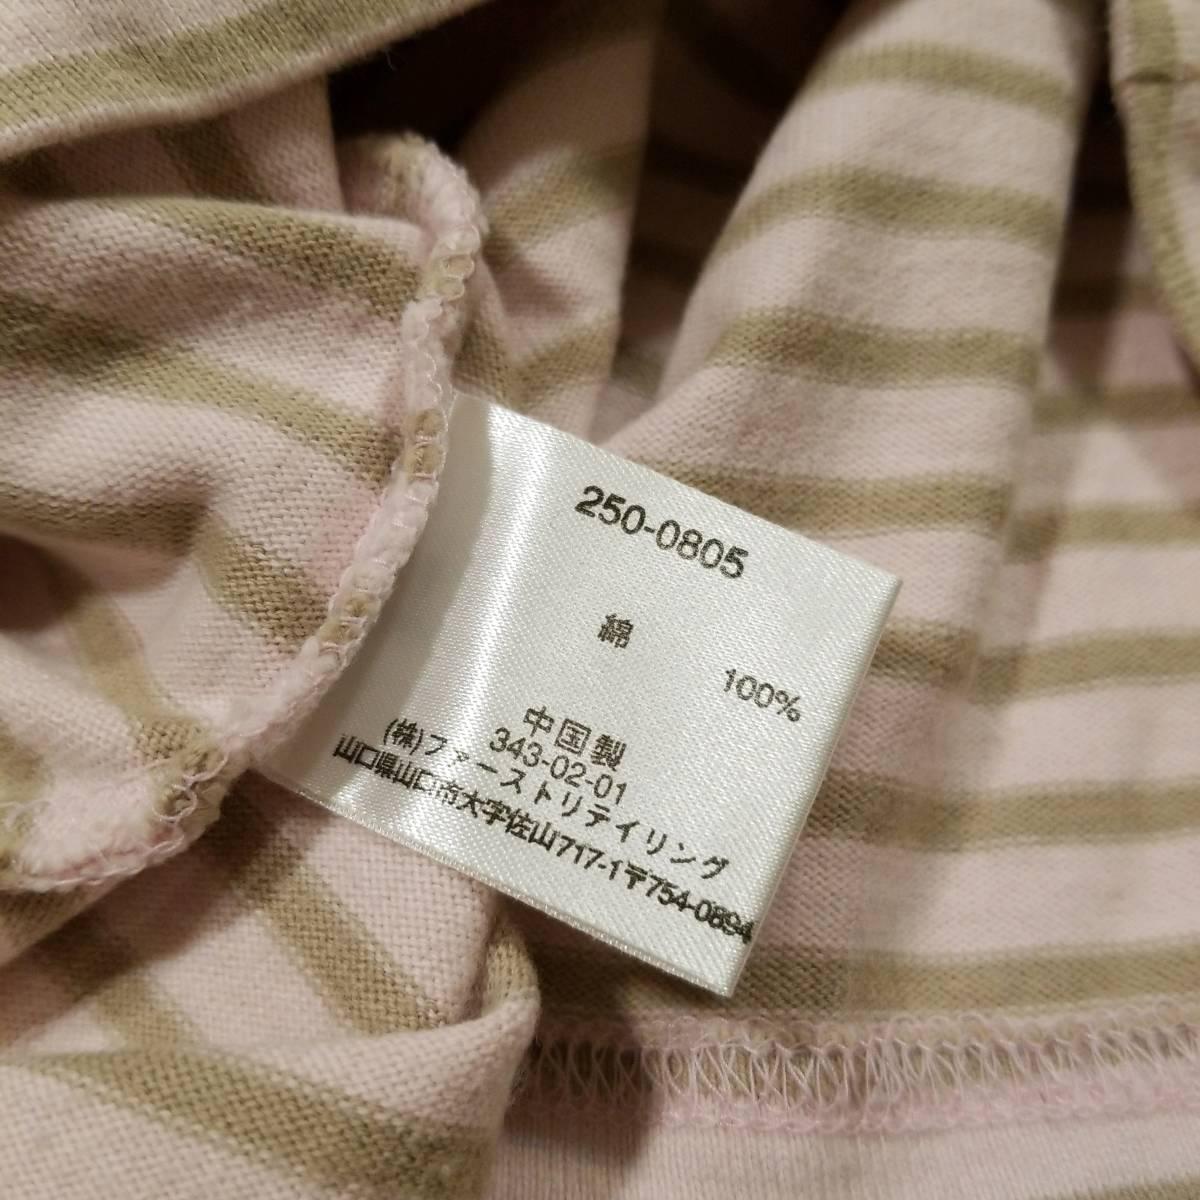 K561 最終値下げ UNIQLO ユニクロ Tシャツ M レディース カットソー ピンク系 ボーダー 綿100% コットン 7分袖程度..